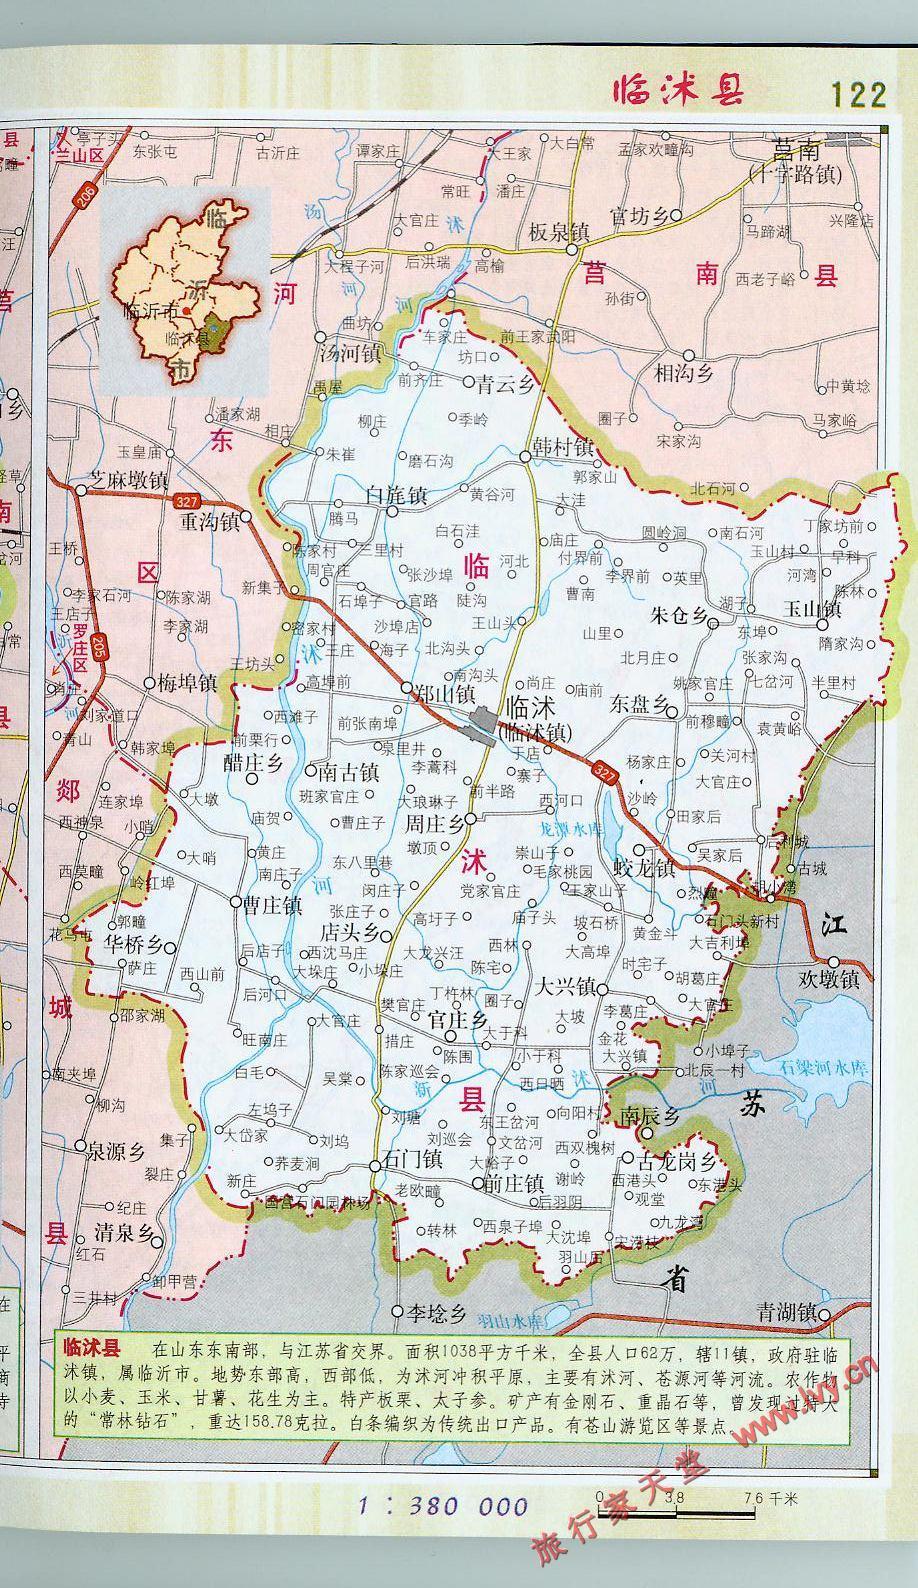 山东省临沂市地图 山东省地图 山东省地图高清版 山东省高速公路地图